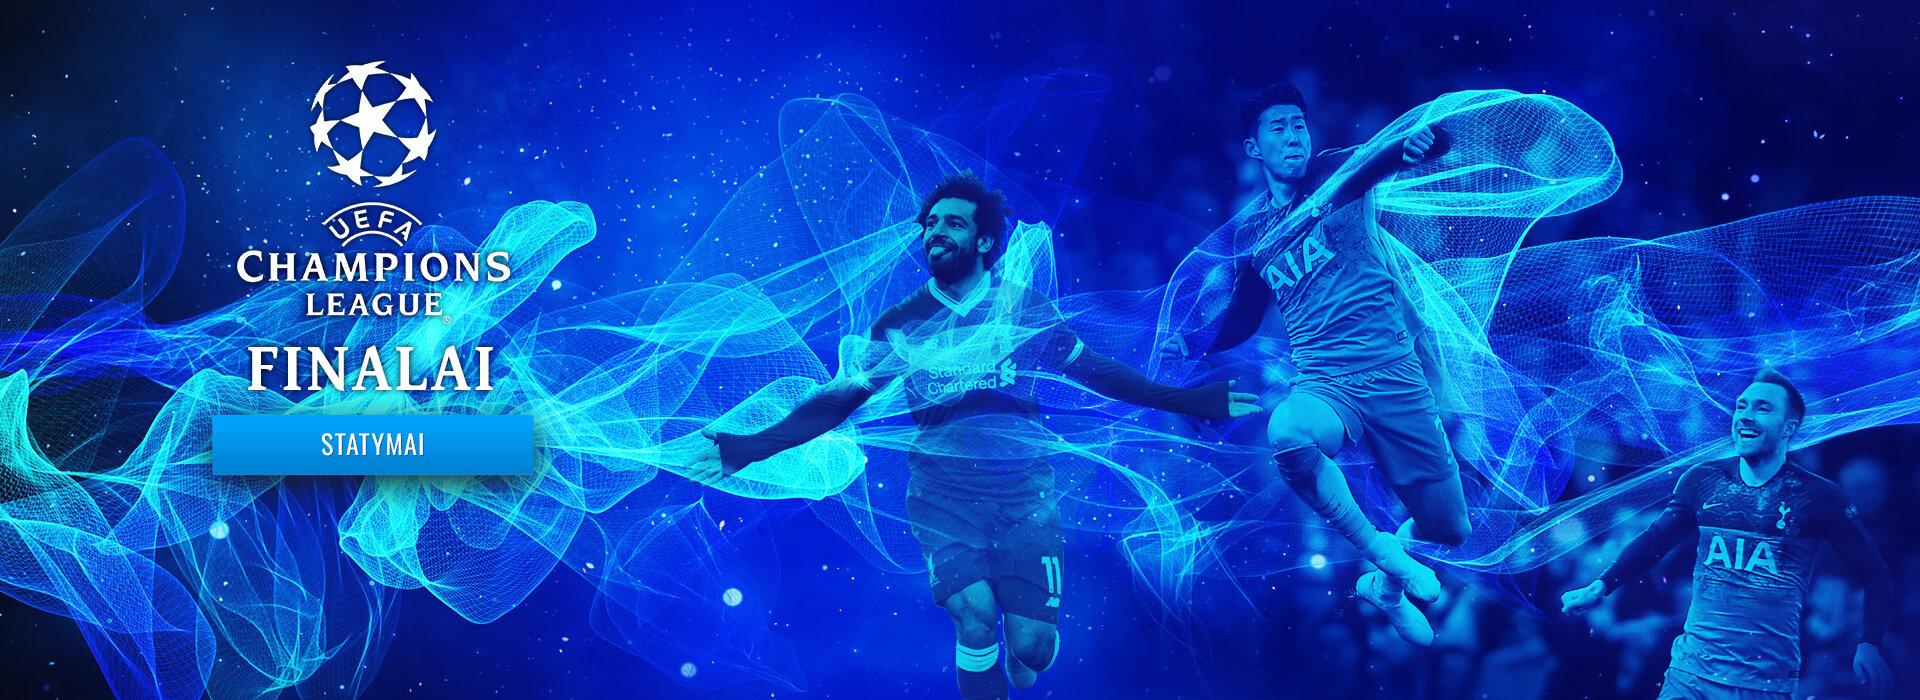 Champions League Finals 2019